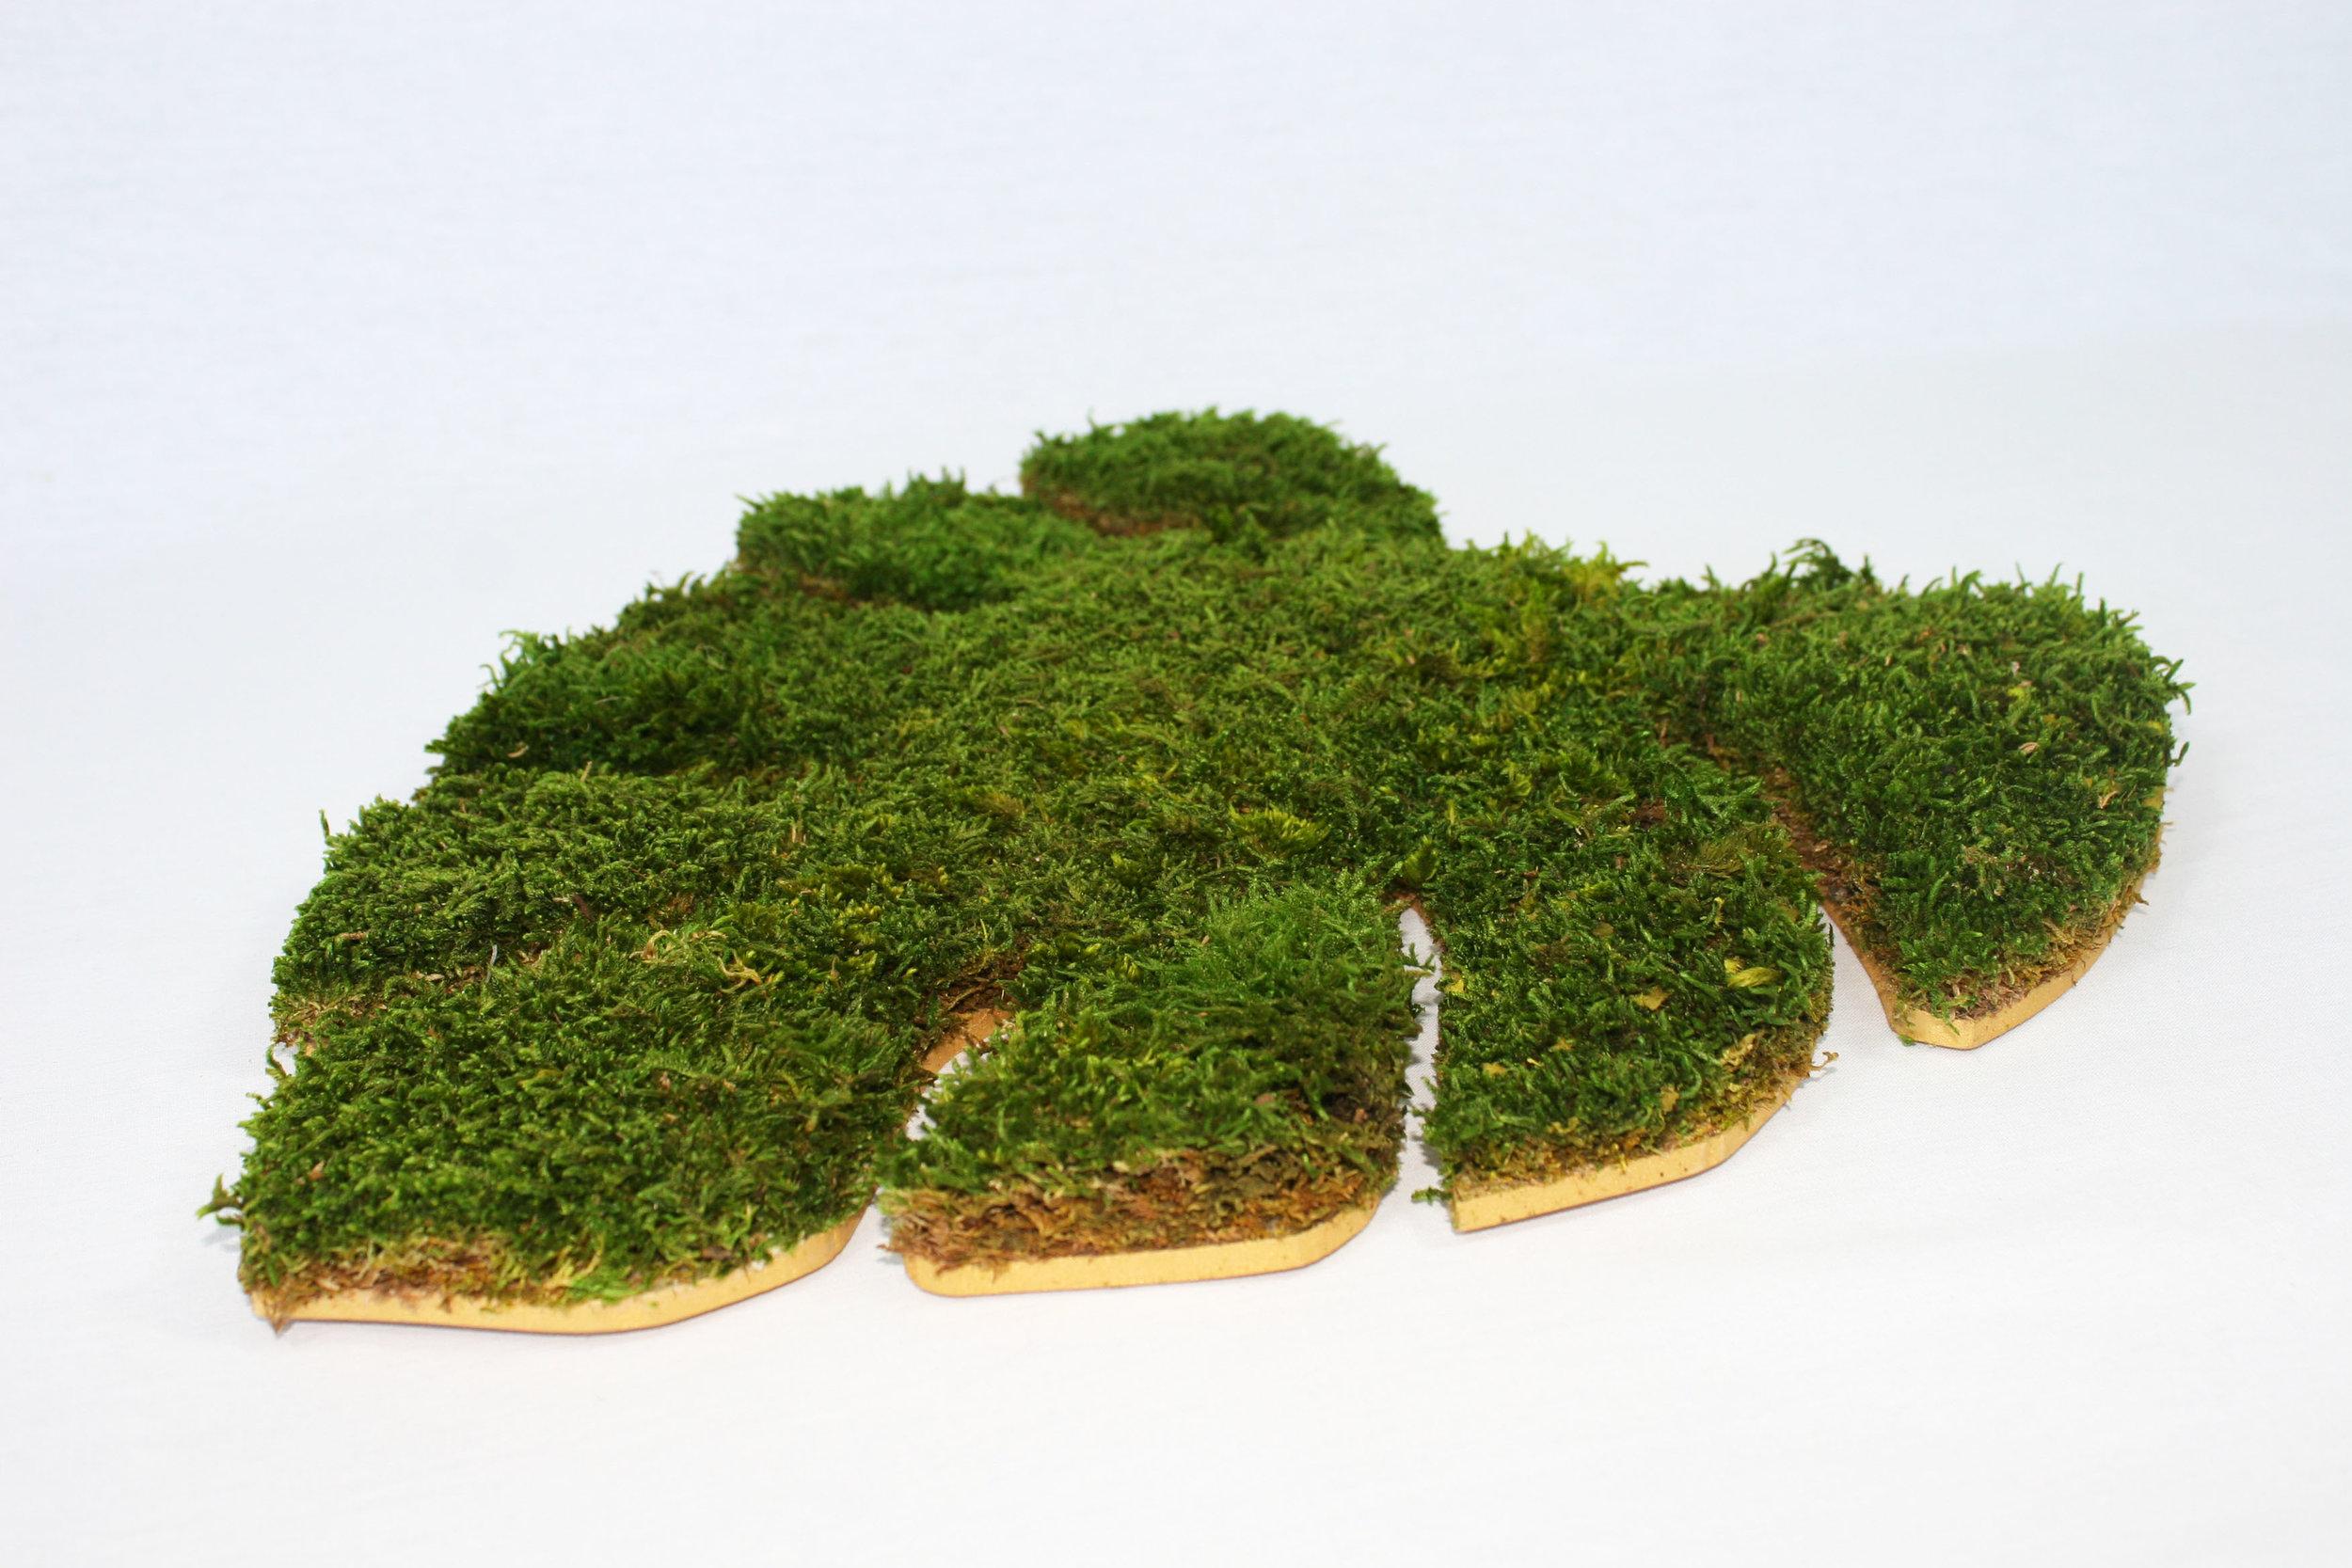 tableau-vegetal-monstera-bois-zoom.JPG